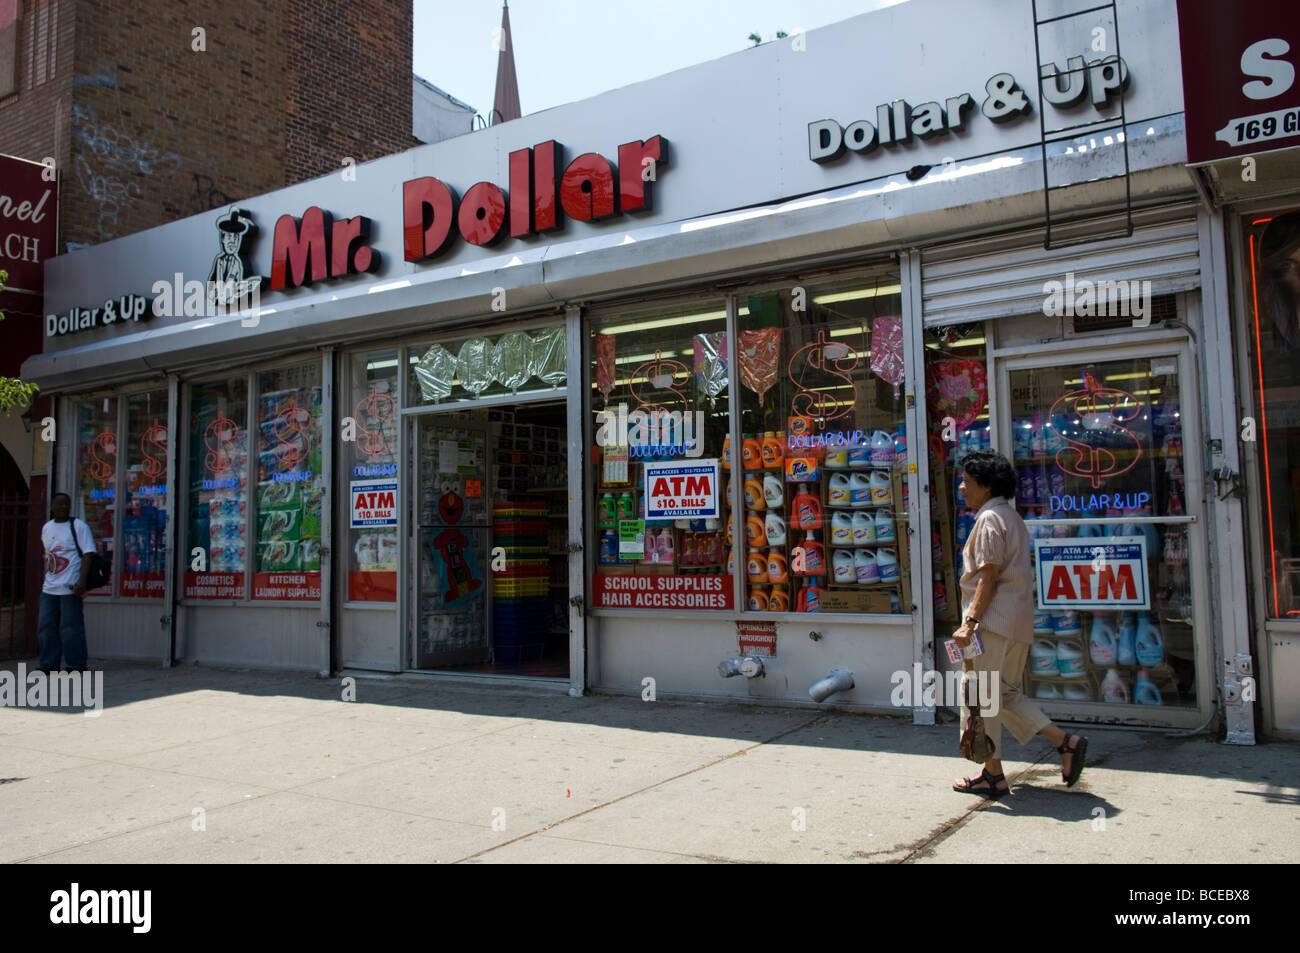 A Mr Dollar Store In Bushwick Brooklyn New York